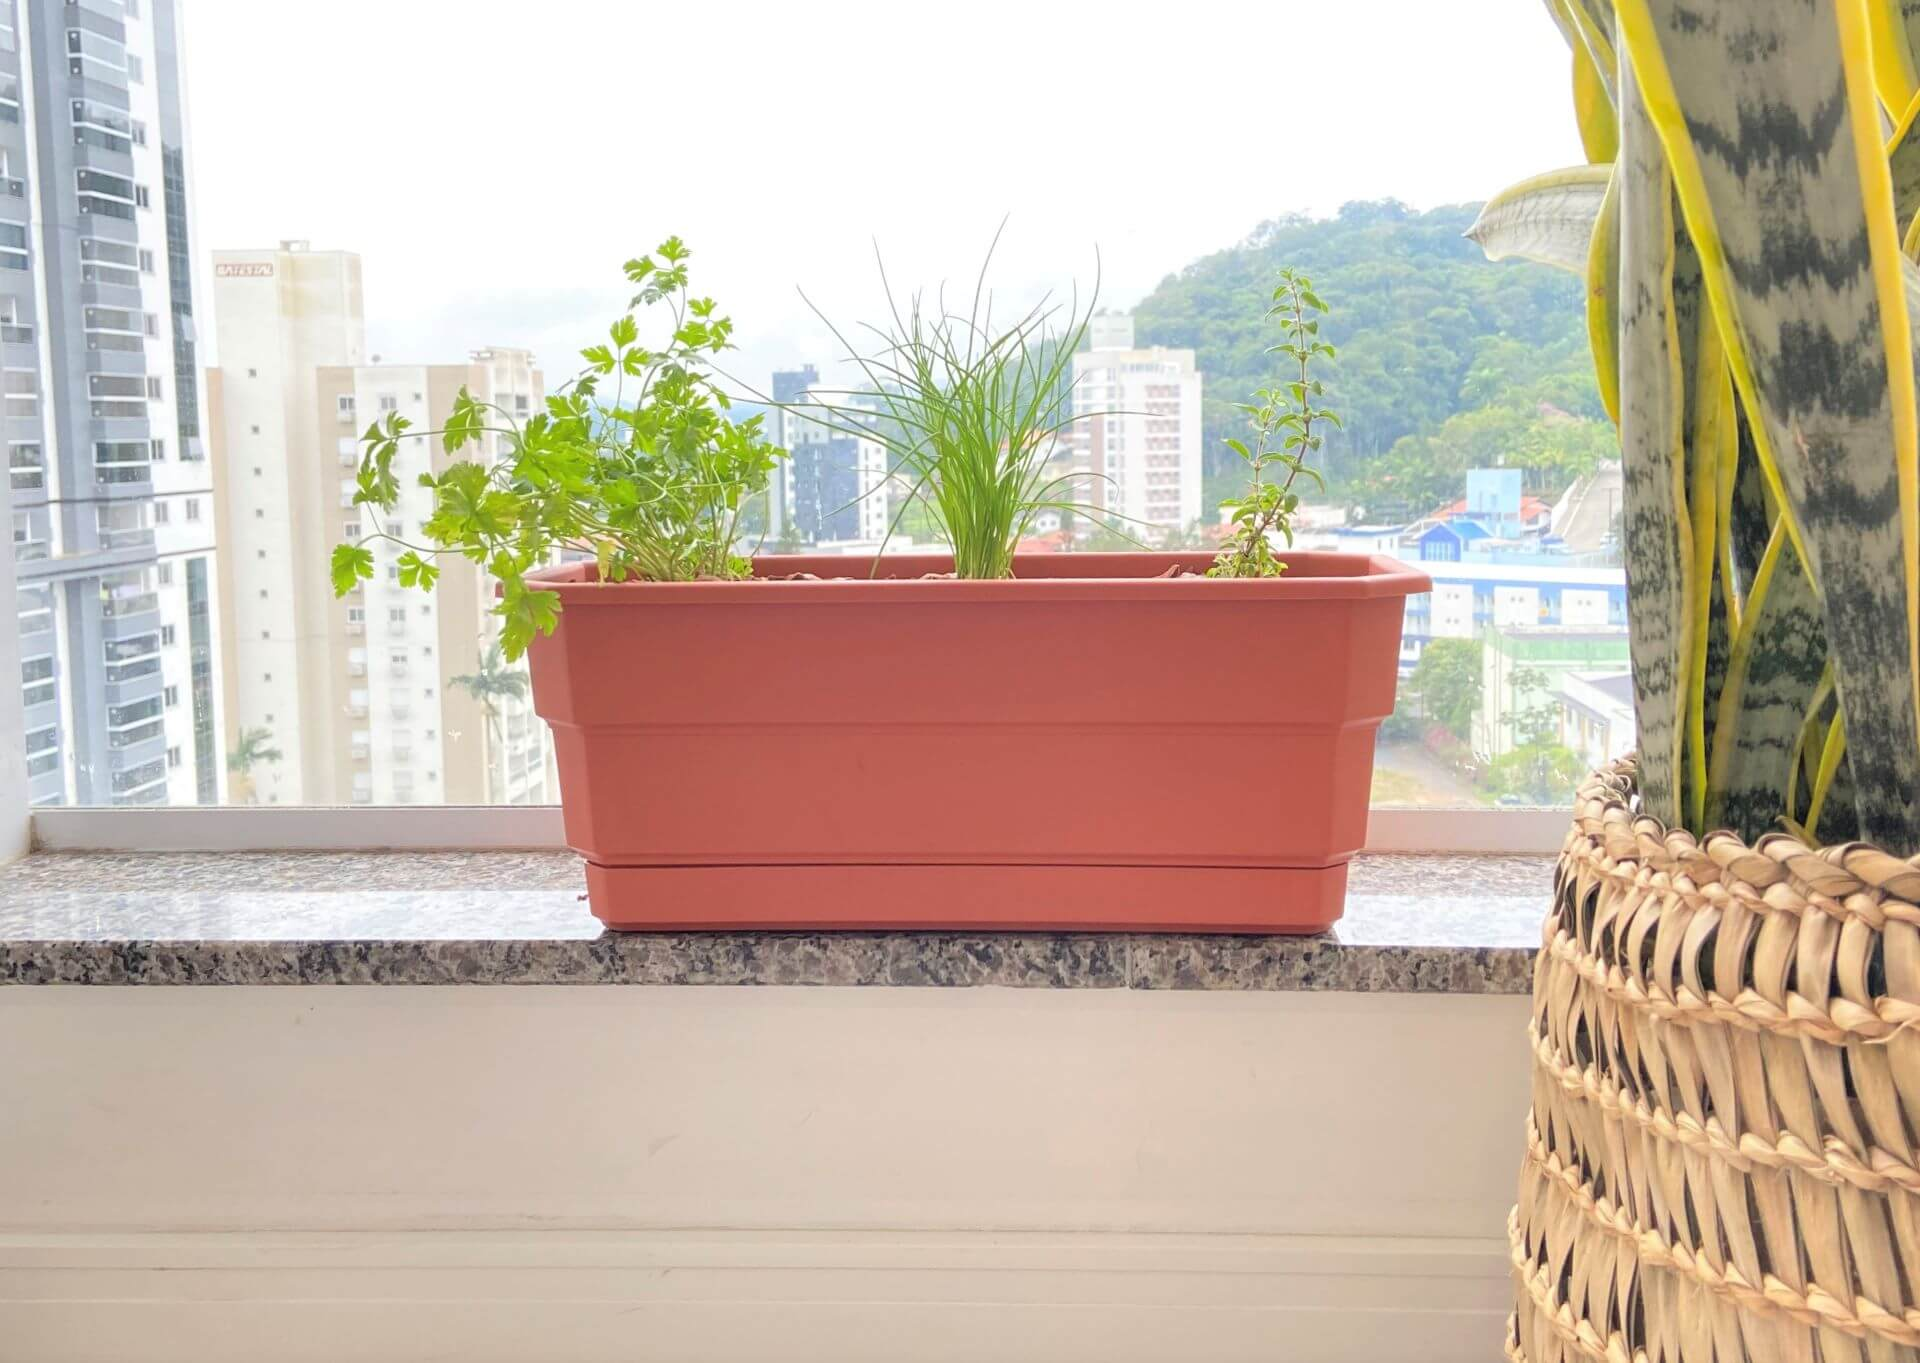 Posicionamos o vaso na mureta, para que ele pegue o sol da manhã e consiga se desenvolver bem. Foto: Arquiteca Projetos.